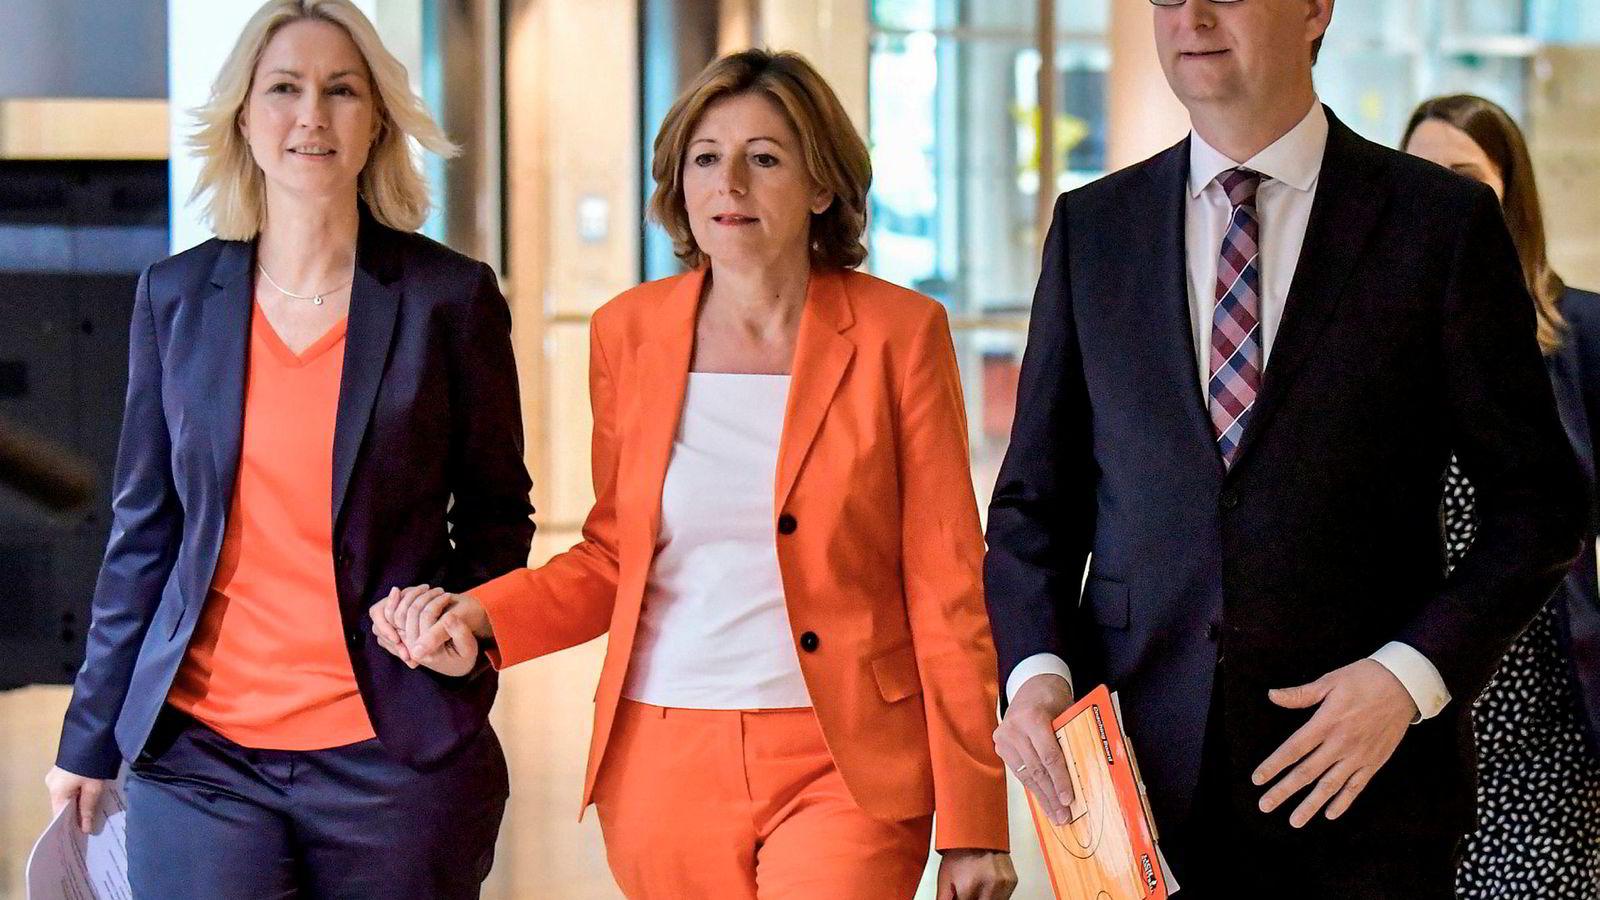 VERRE: Malu Dreier, Manuela Schwesig og Thorsten Schäfer-Gümbel, trioen som midlertidig leder det tyske sosialdemokratiske partiet SPD, opplever målinger på ellevetallet.